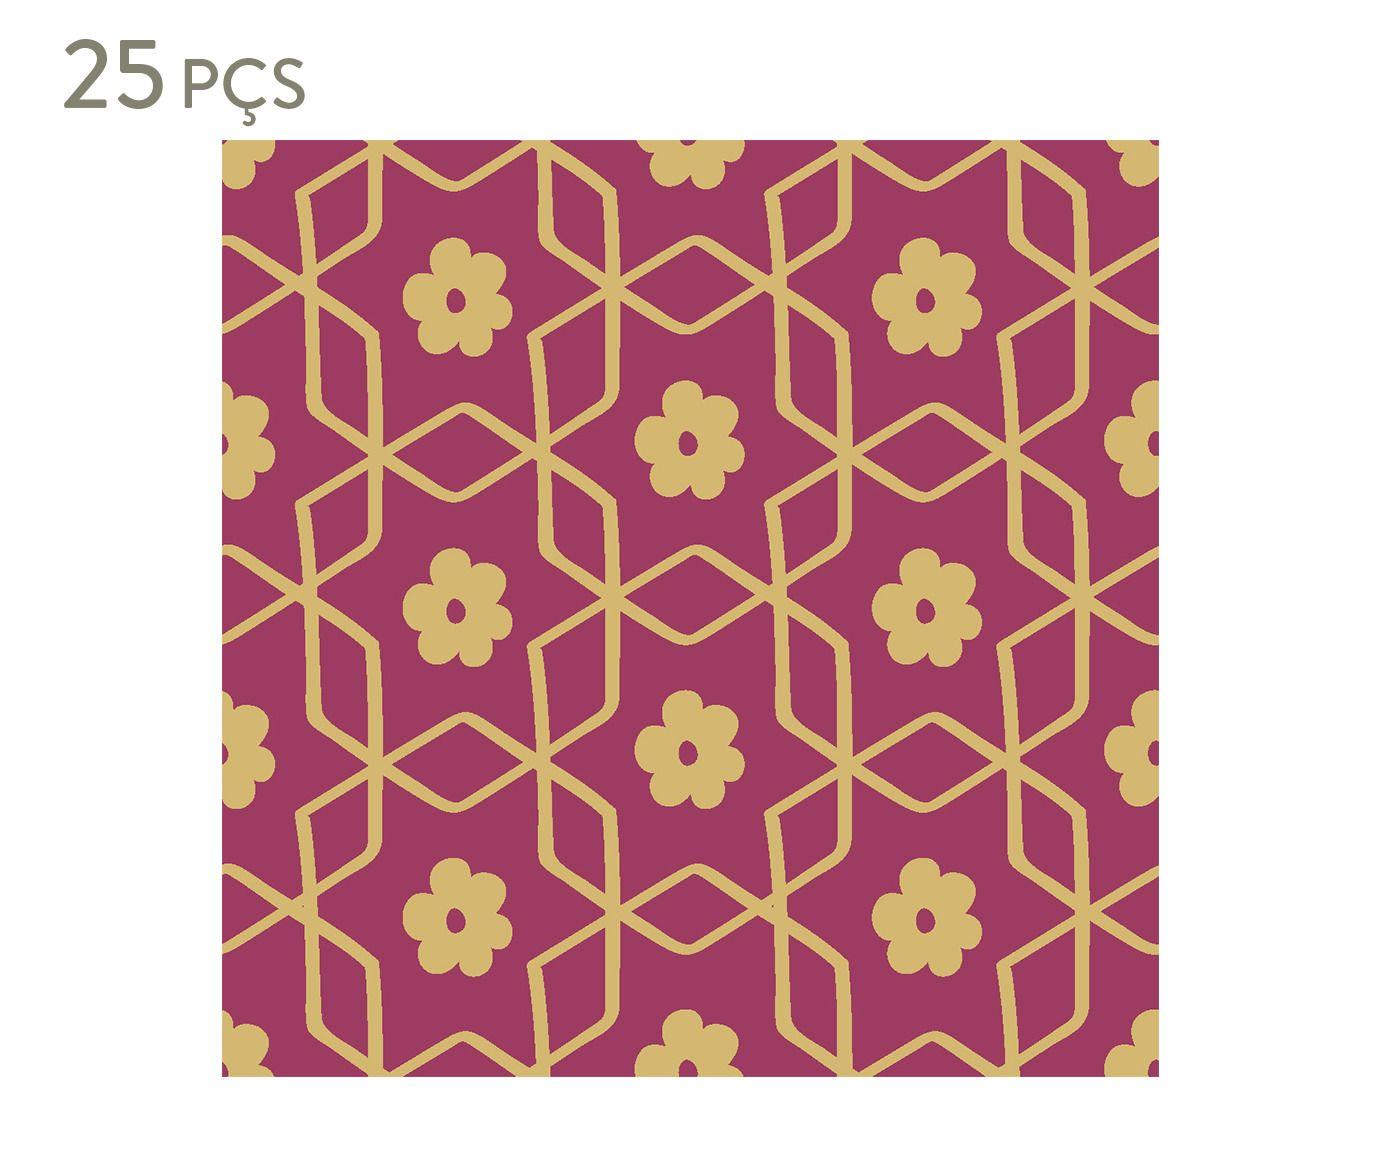 Conjunto de ladrilhos adesivos ermean - 20 cm | Westwing.com.br